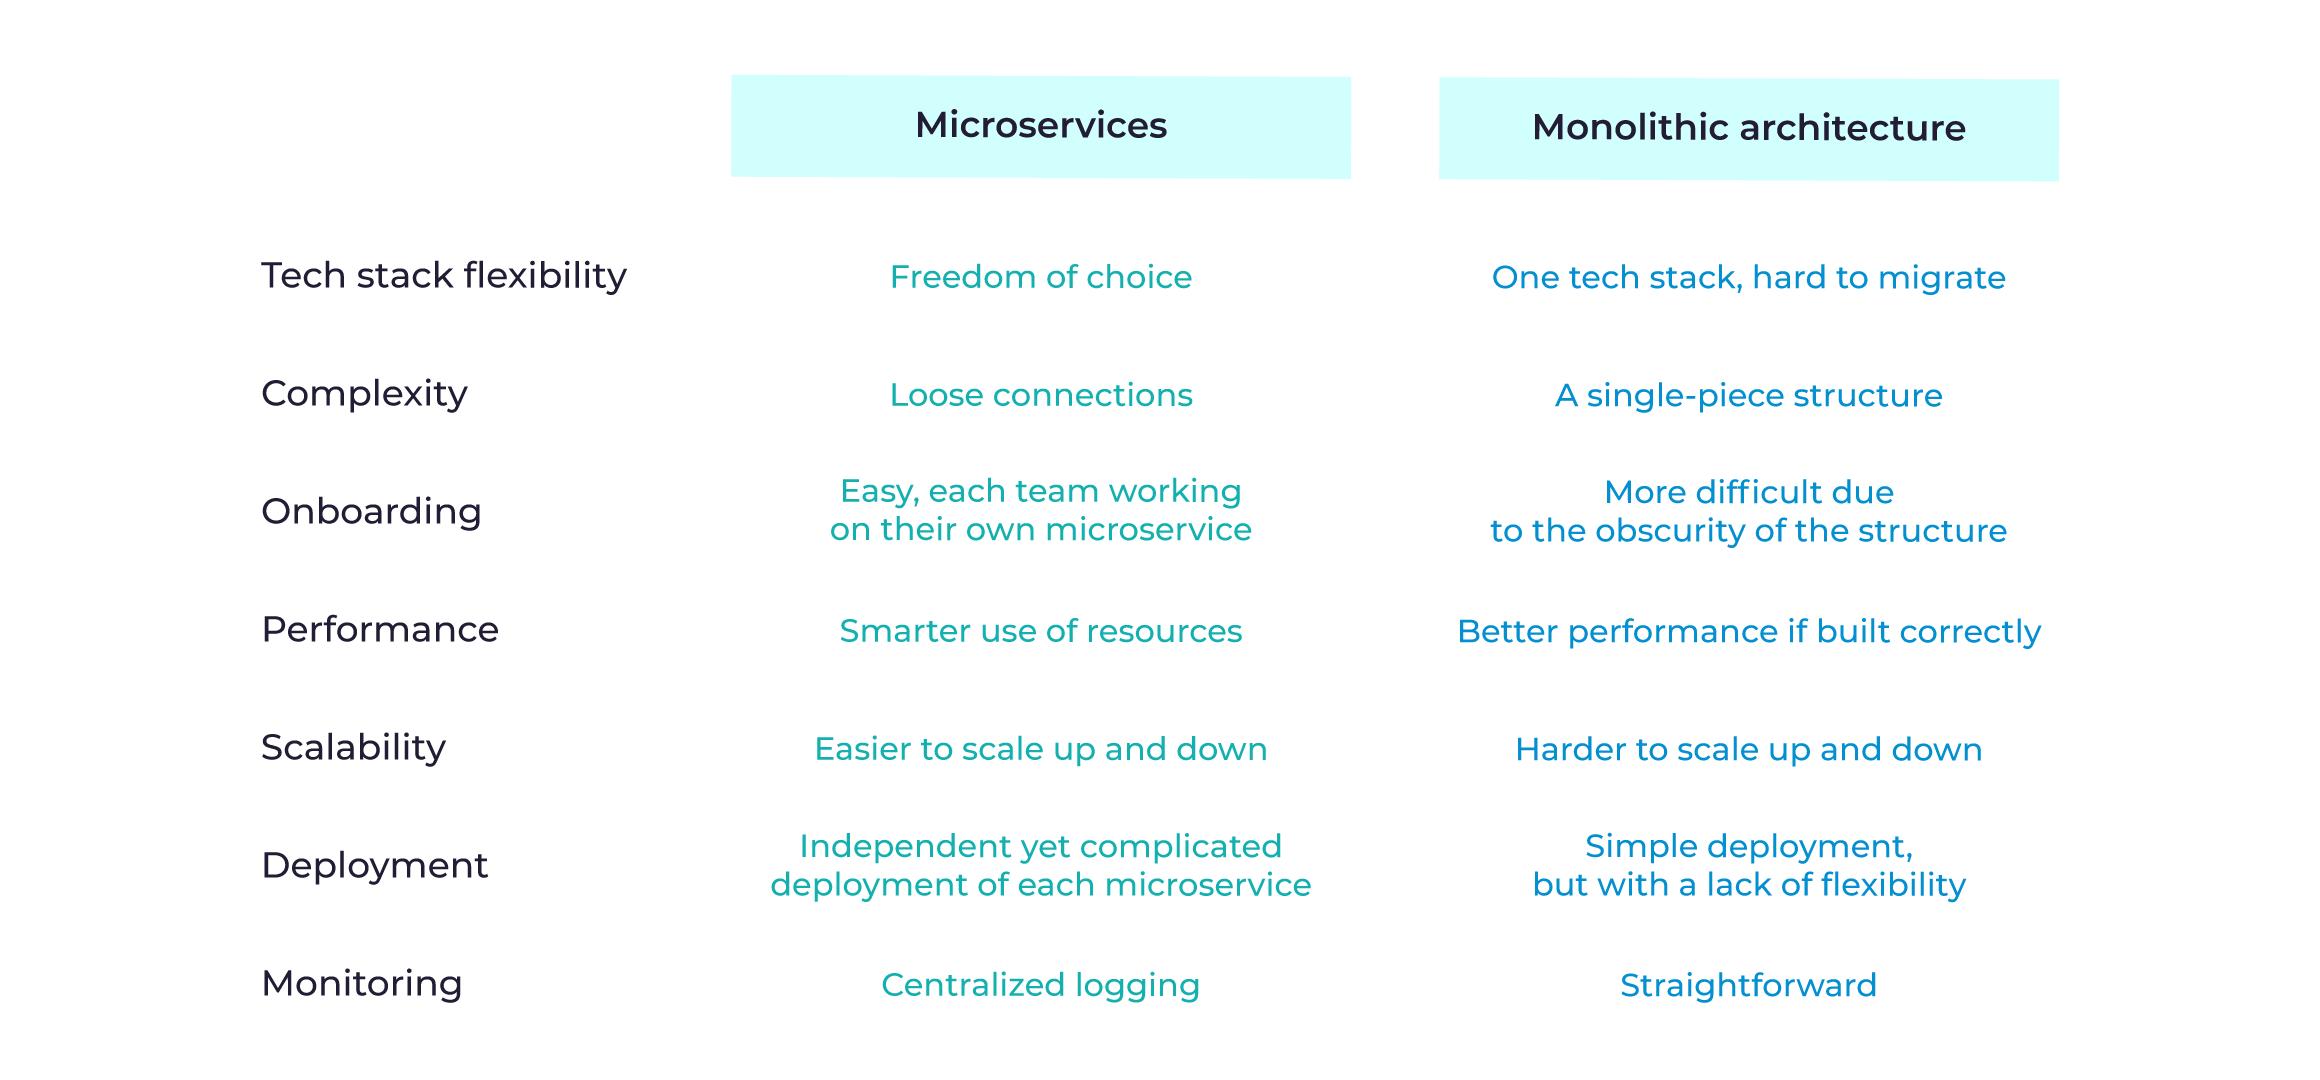 summary-table